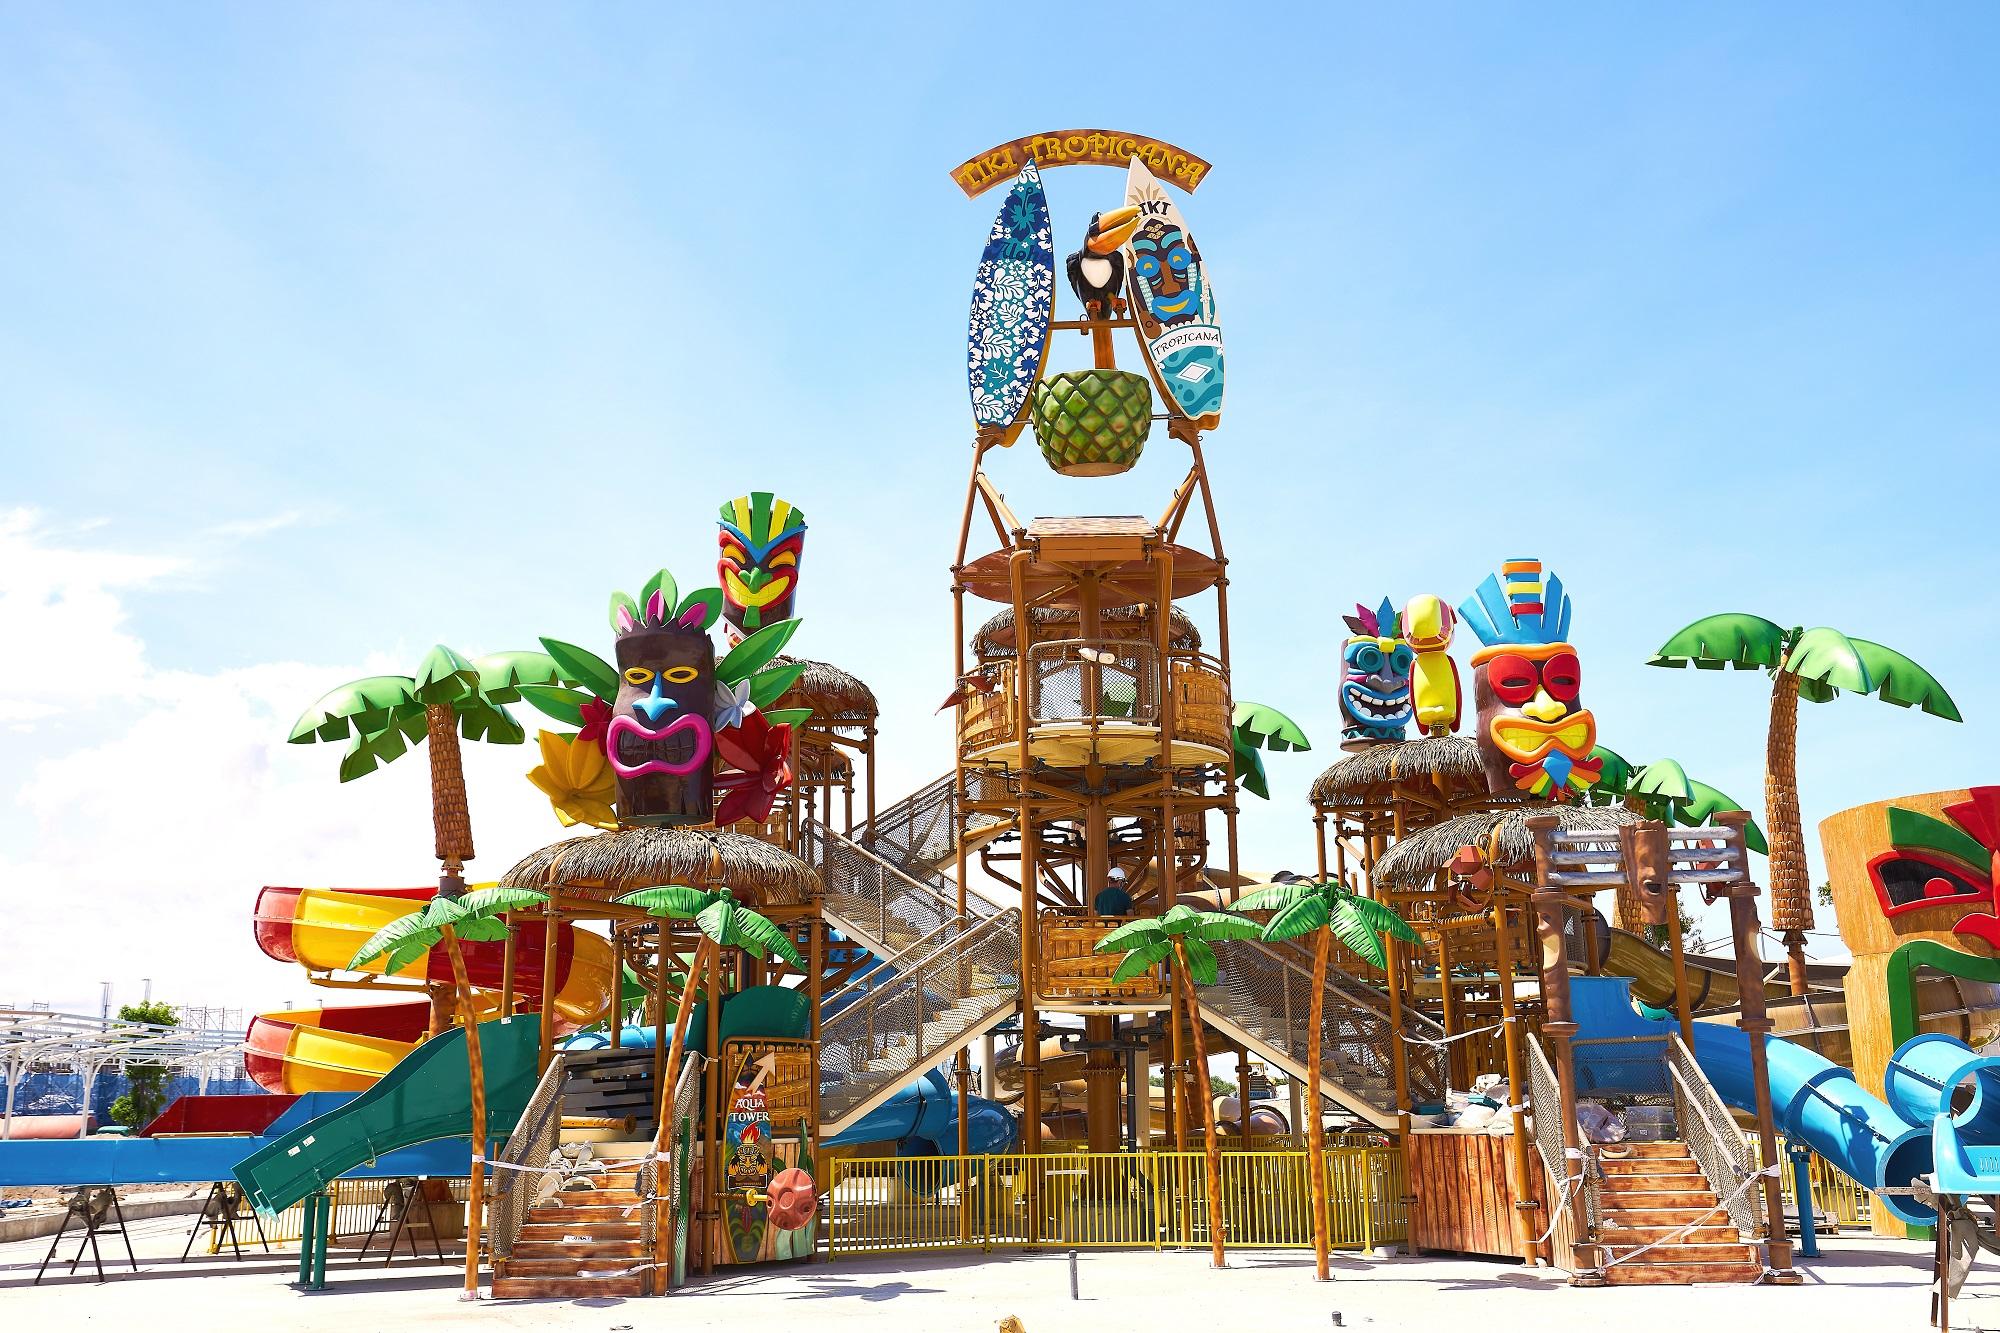 Nhiều hạng mục trò chơi tại công viên giải trí Tropicana Park đã được lắp đặt. Ảnh thực tế tại công trường tháng 5/2021. Ảnh: Novaland.